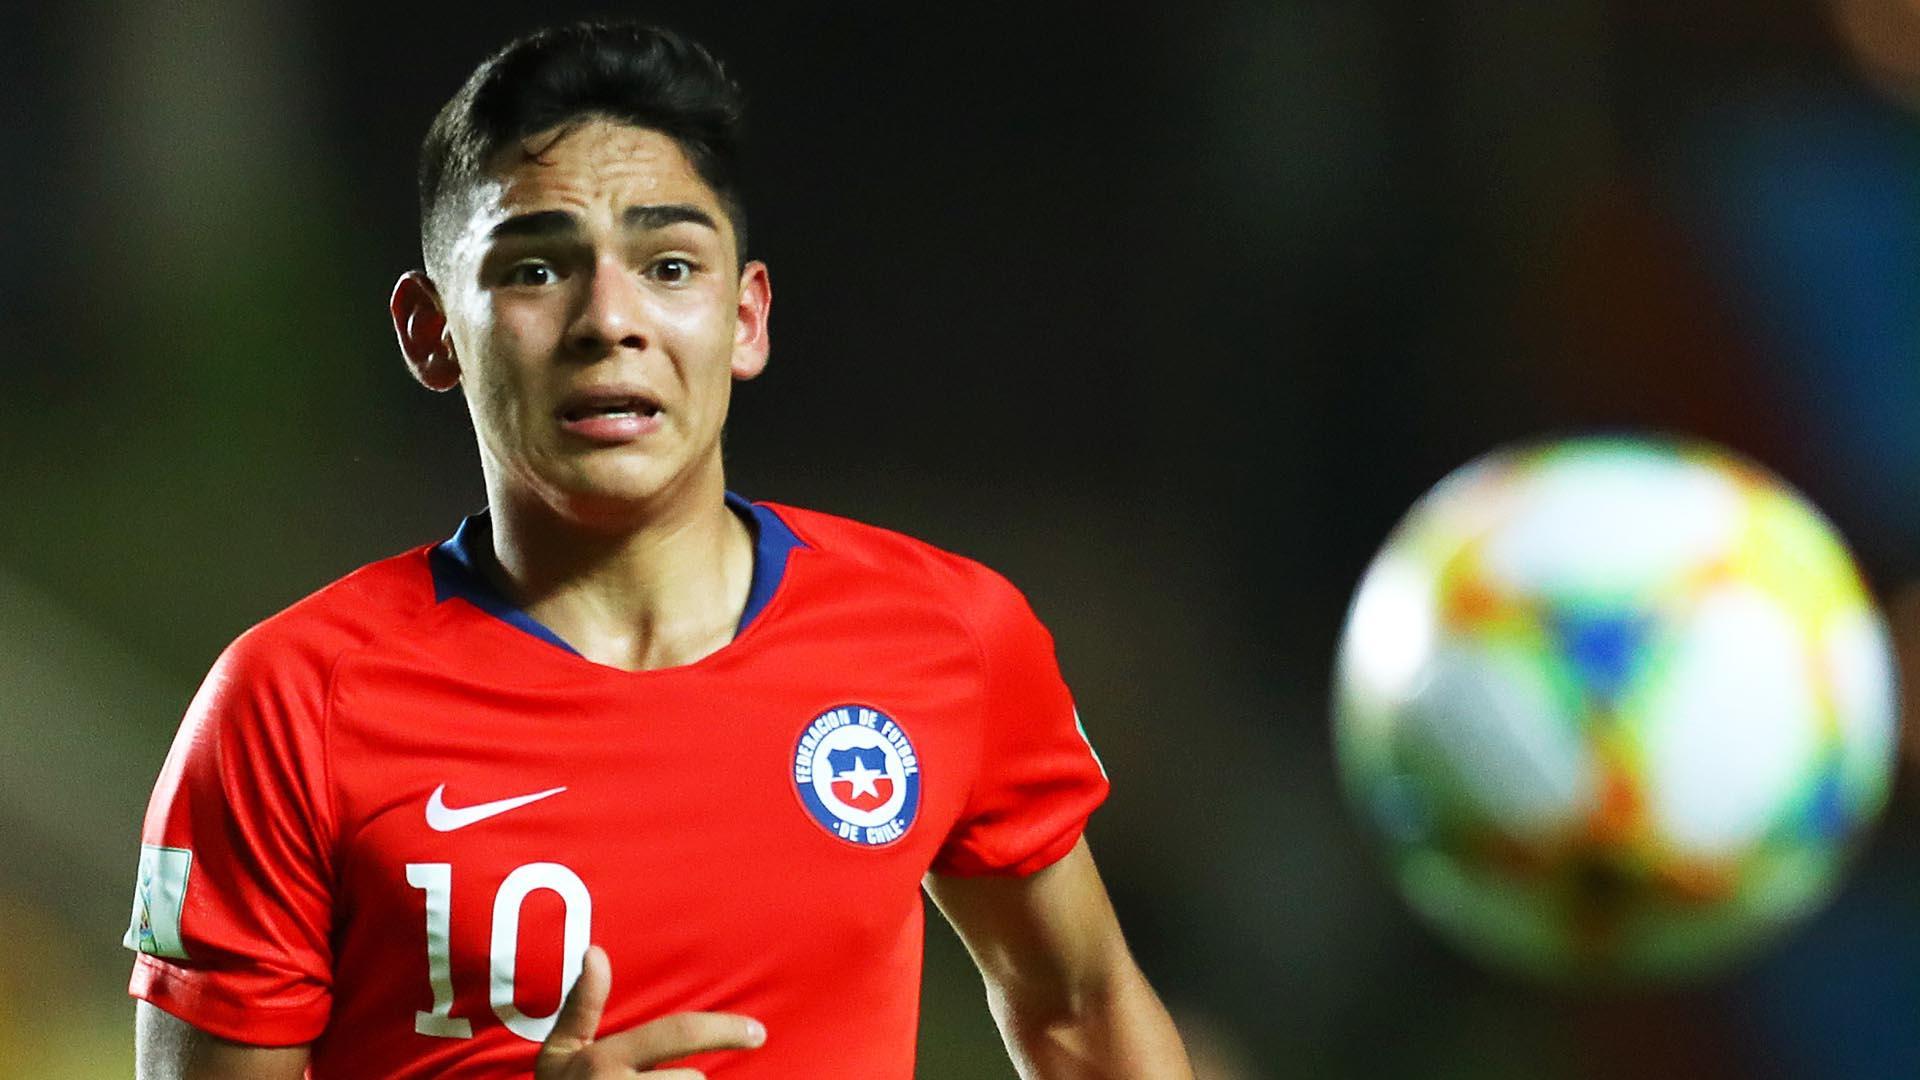 La selección jugó un gran partido pero quedó afuera del Mundial sub 17